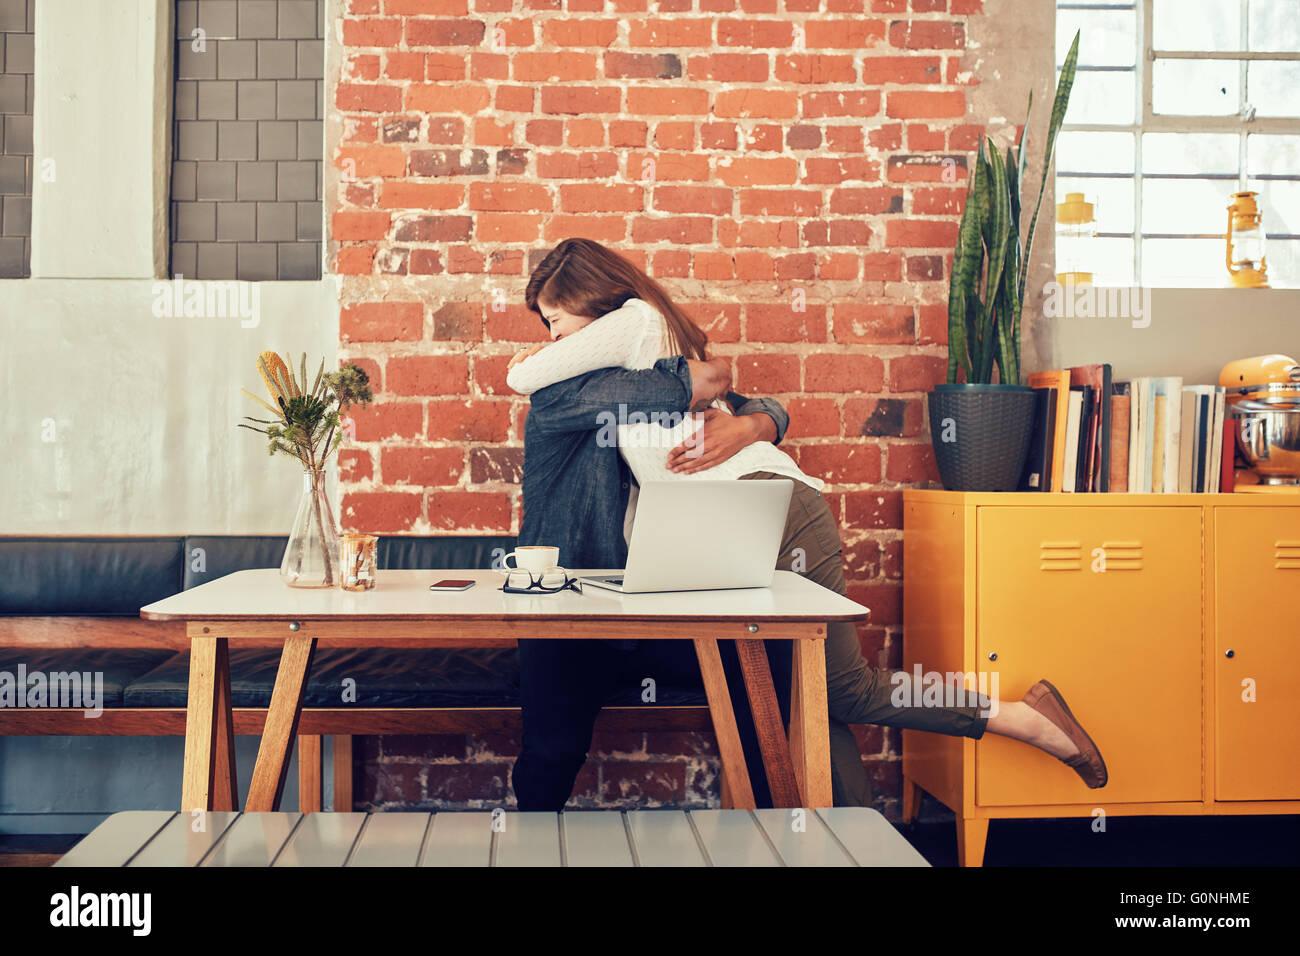 Ritratto di un uomo e di una donna che abbraccia ogni altro a un cafe, giovane riuniti in una caffetteria. Immagini Stock